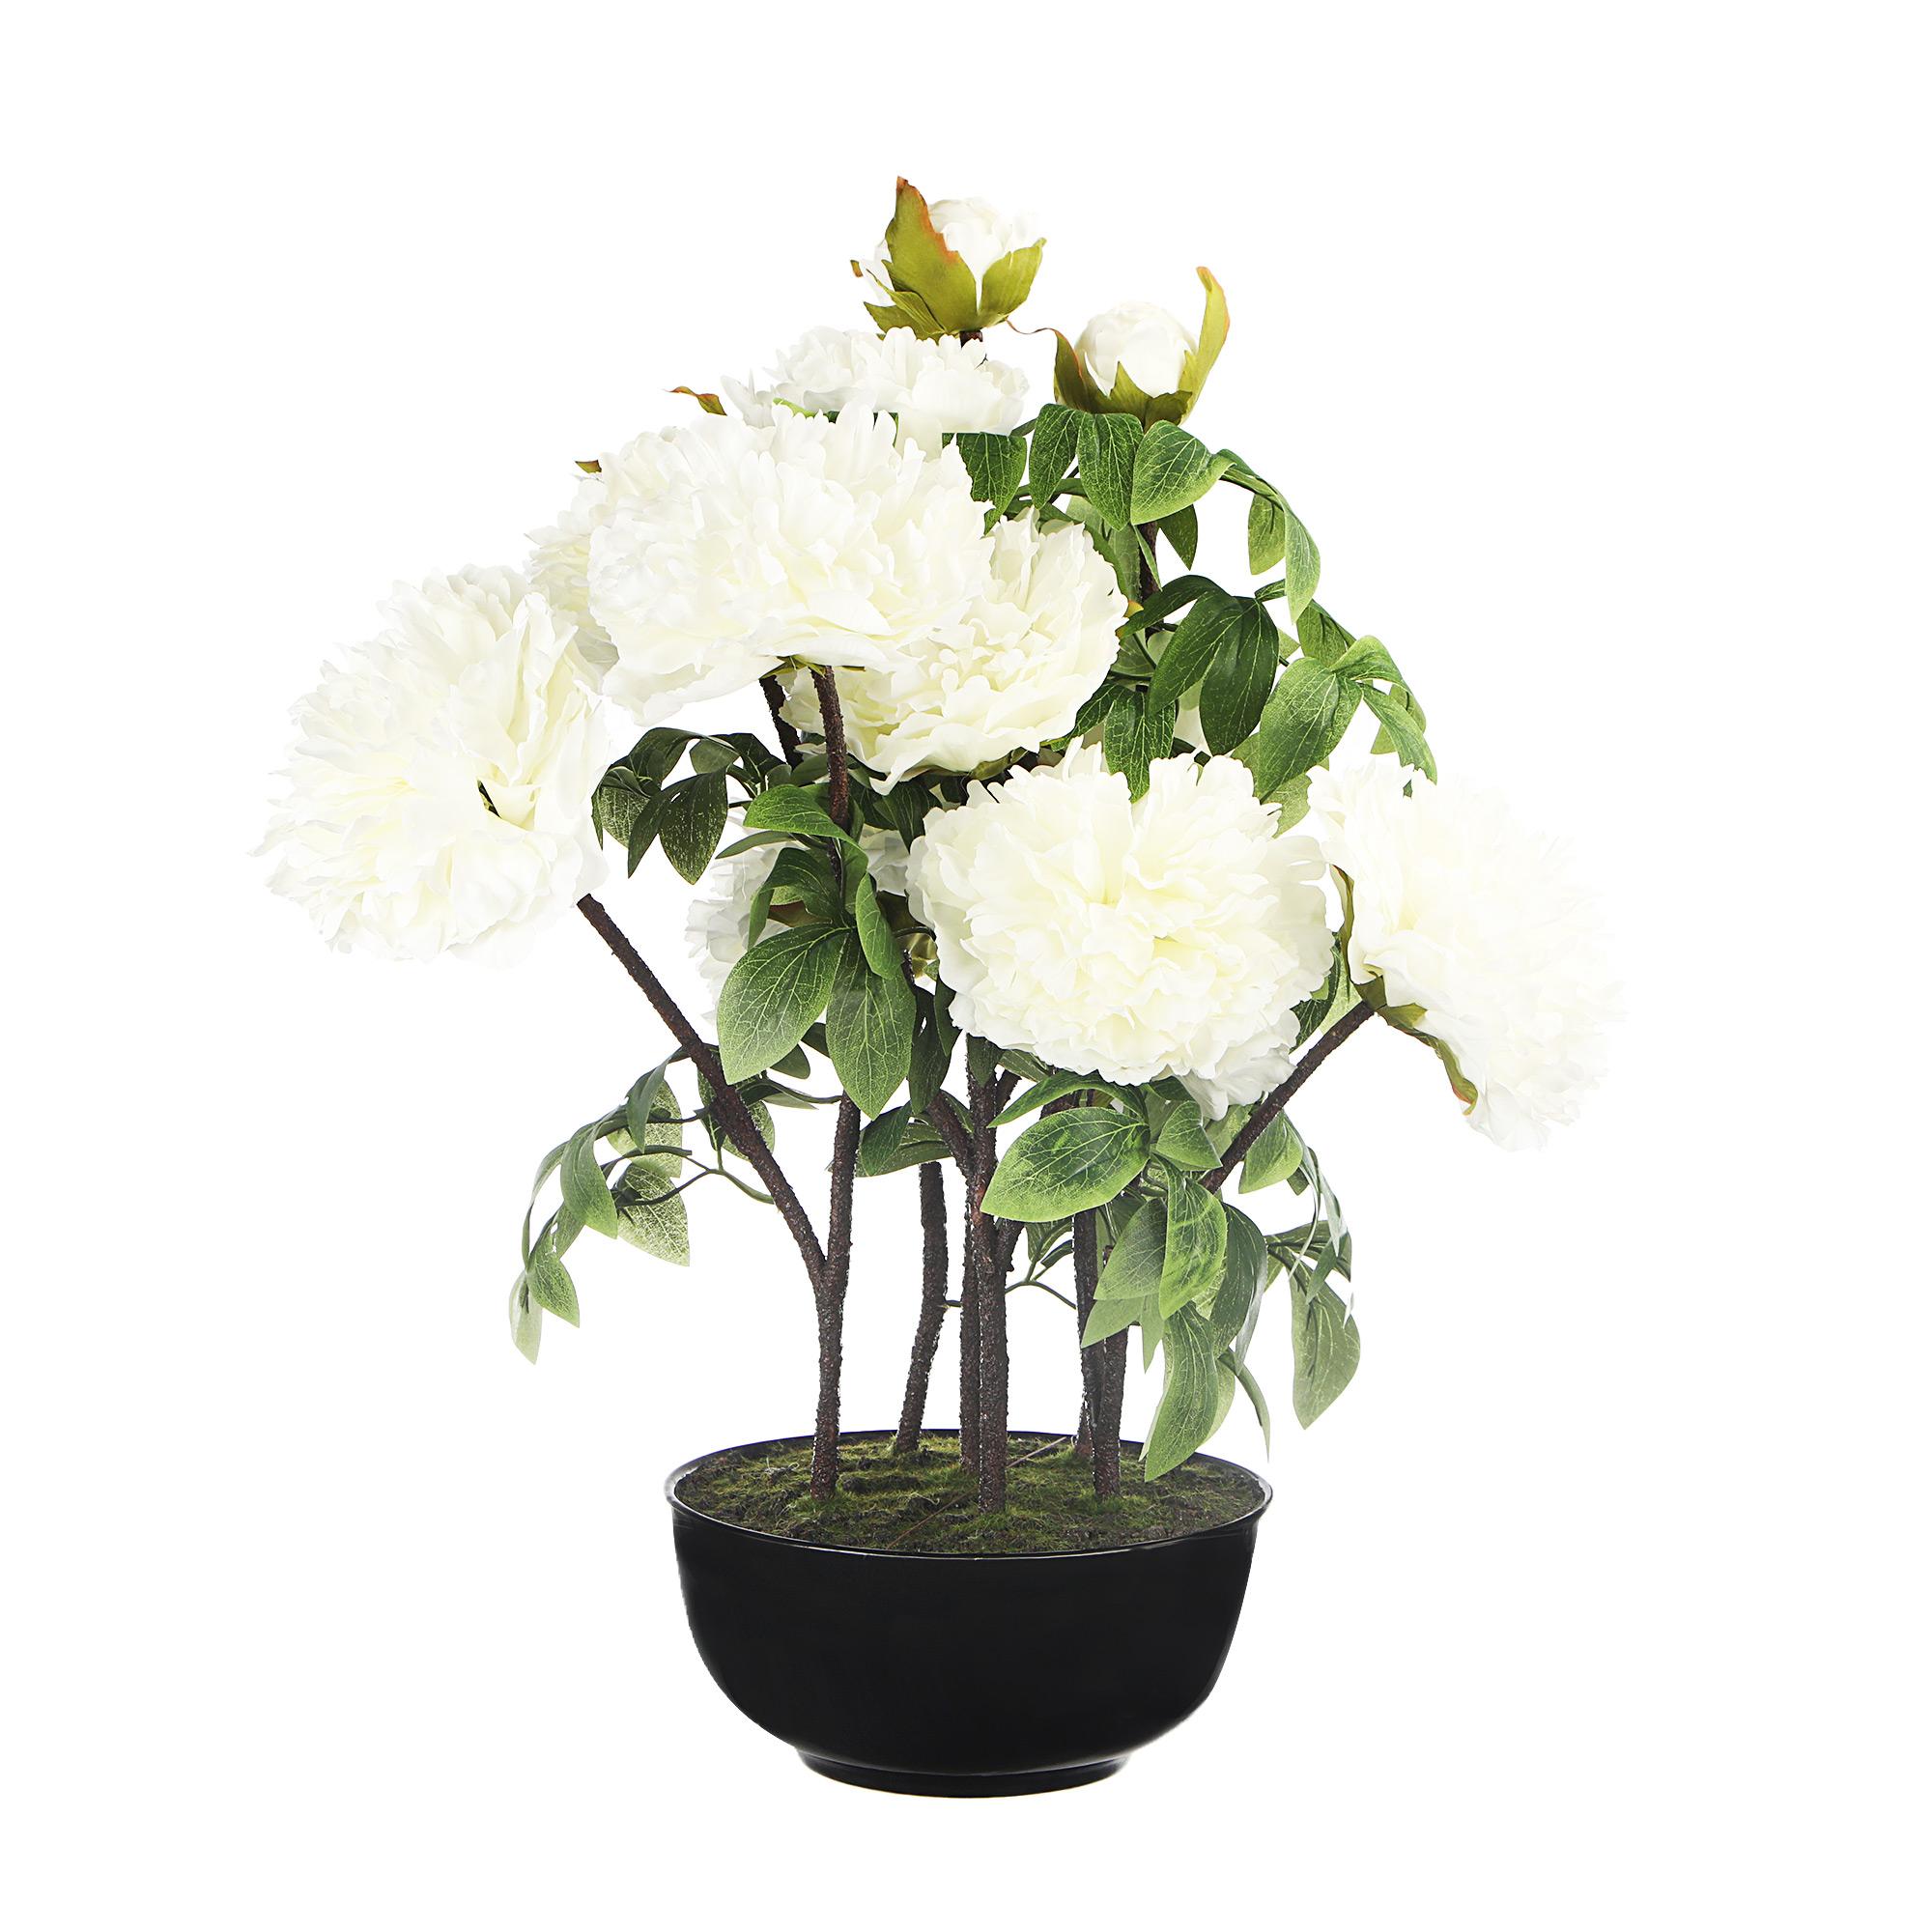 Цветок искусственный в горшке Colorful пион белый 62см